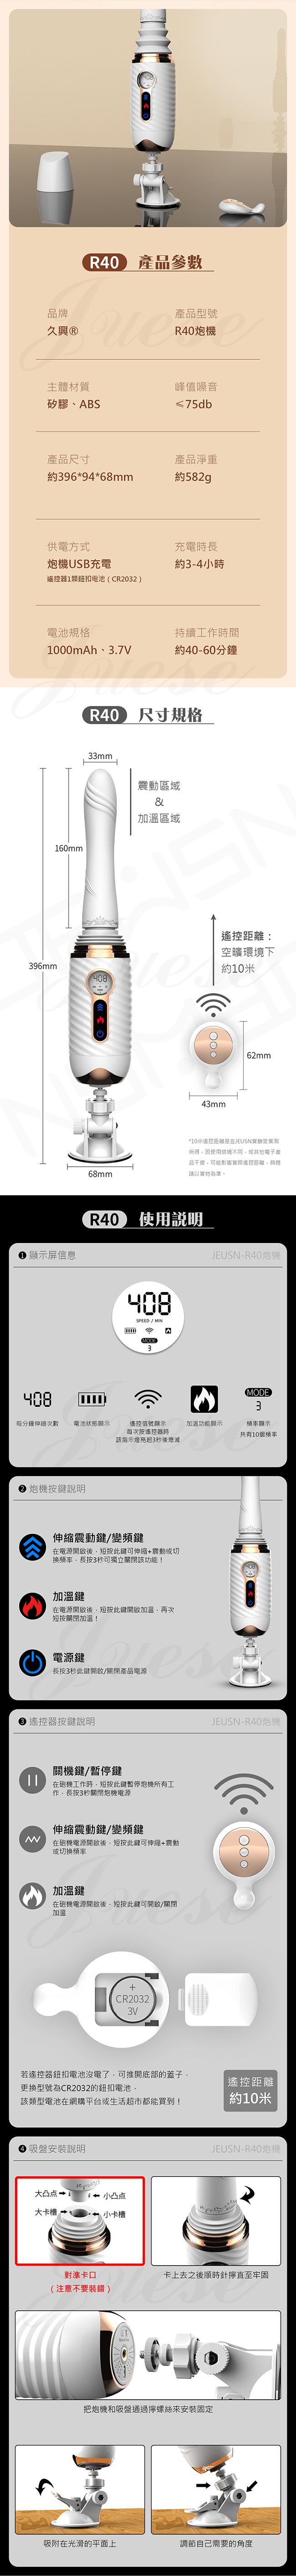 香港久興-R40炮機 10段變頻伸縮加溫震動矽膠炮機